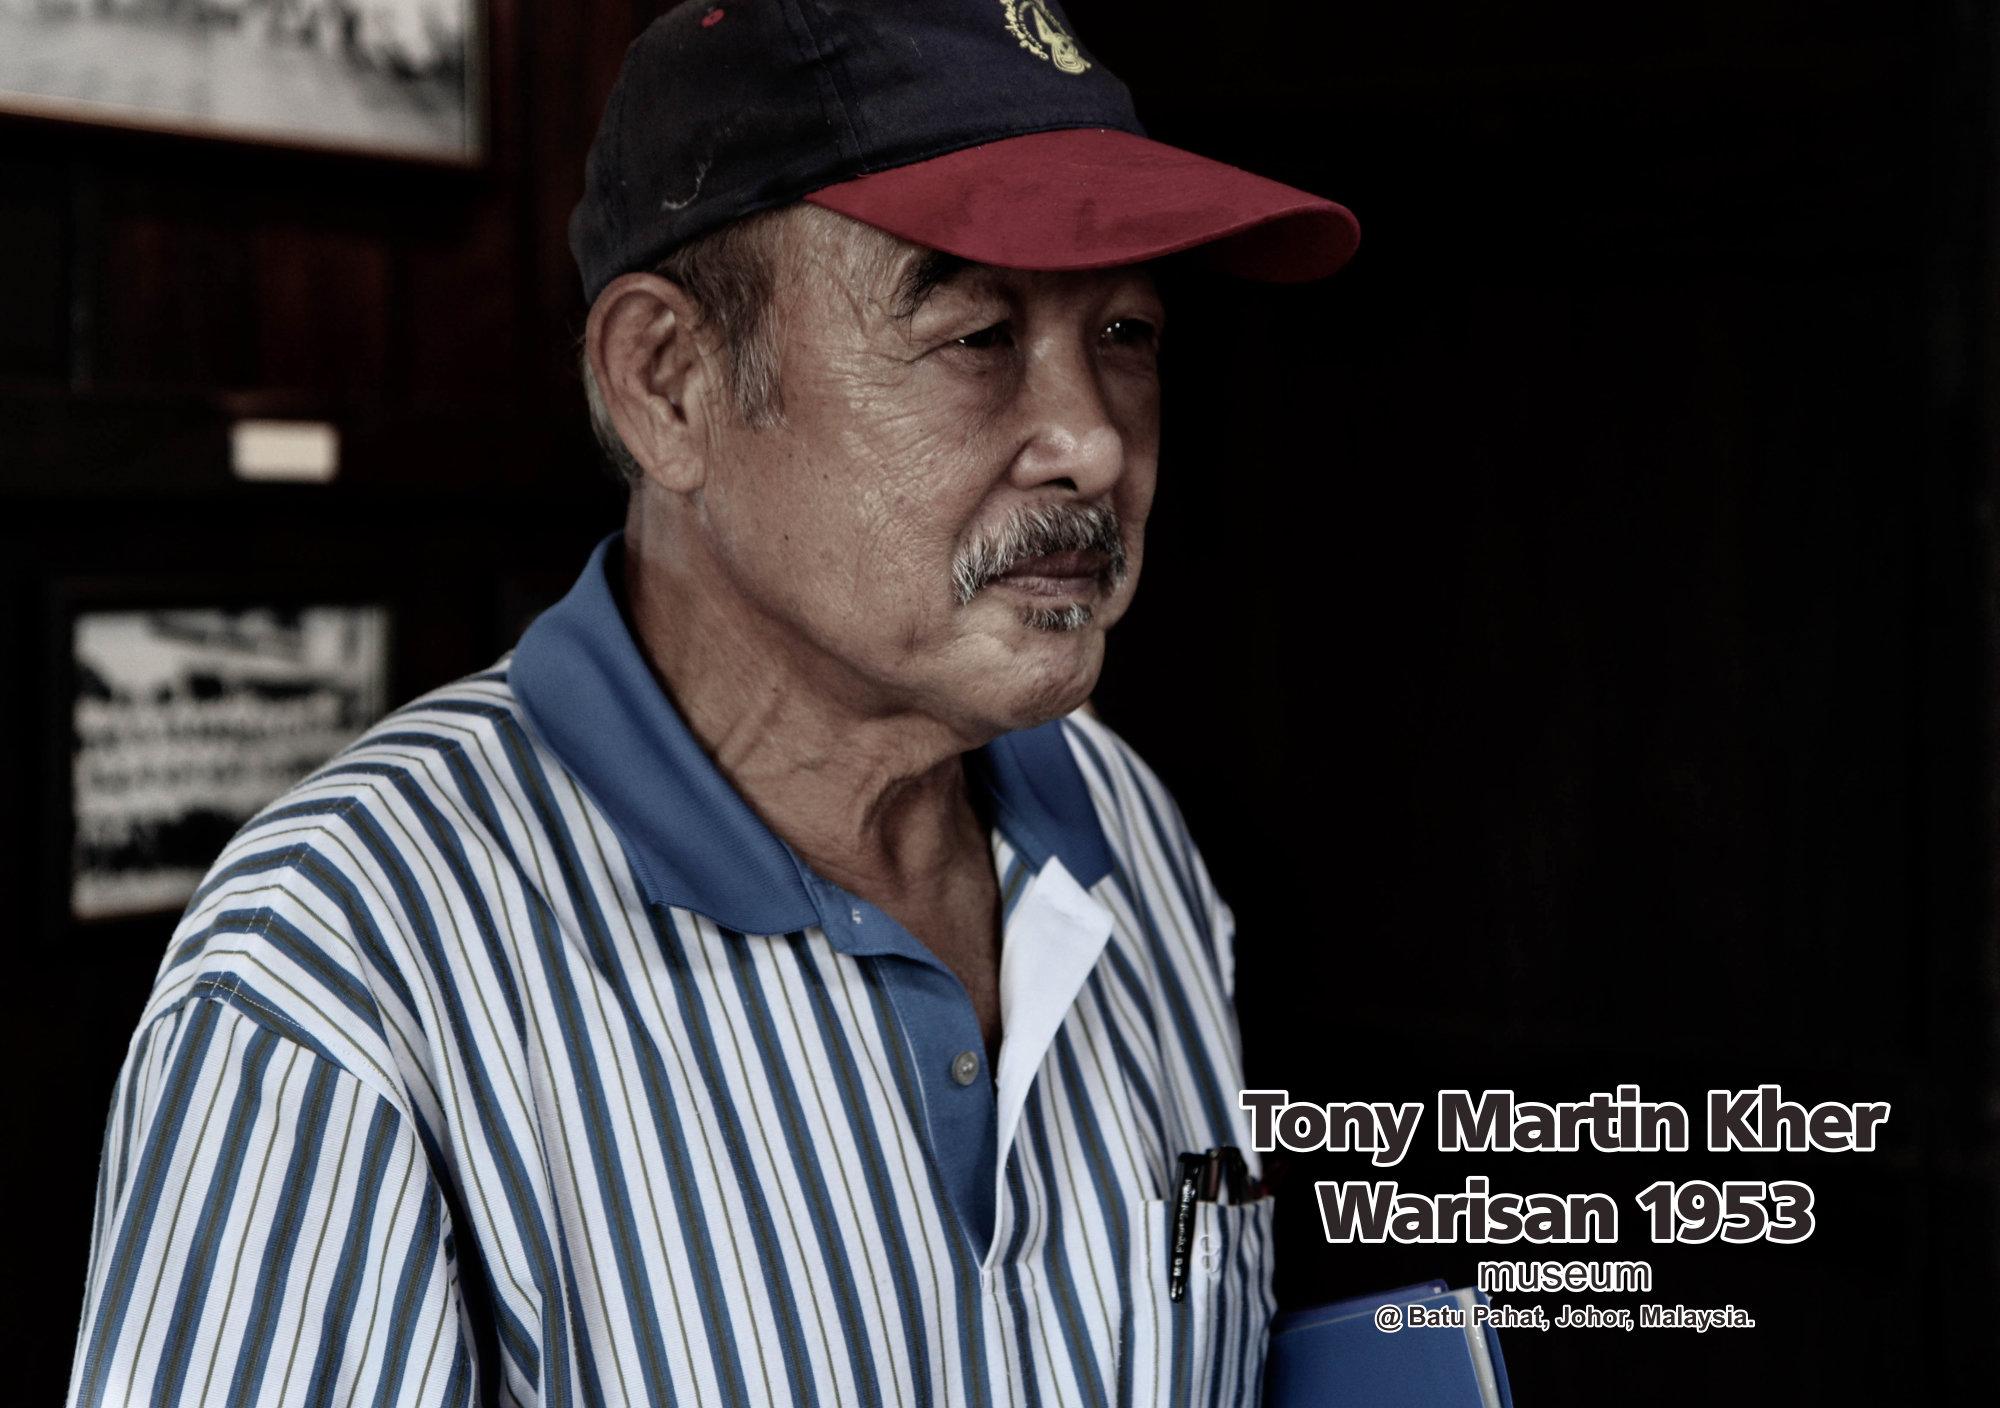 Tony Martin Kher founder of Warisan 1953 Museum at Batu Pahat Johor Malaysia Heritage 1953 Artist Joey Kher A38